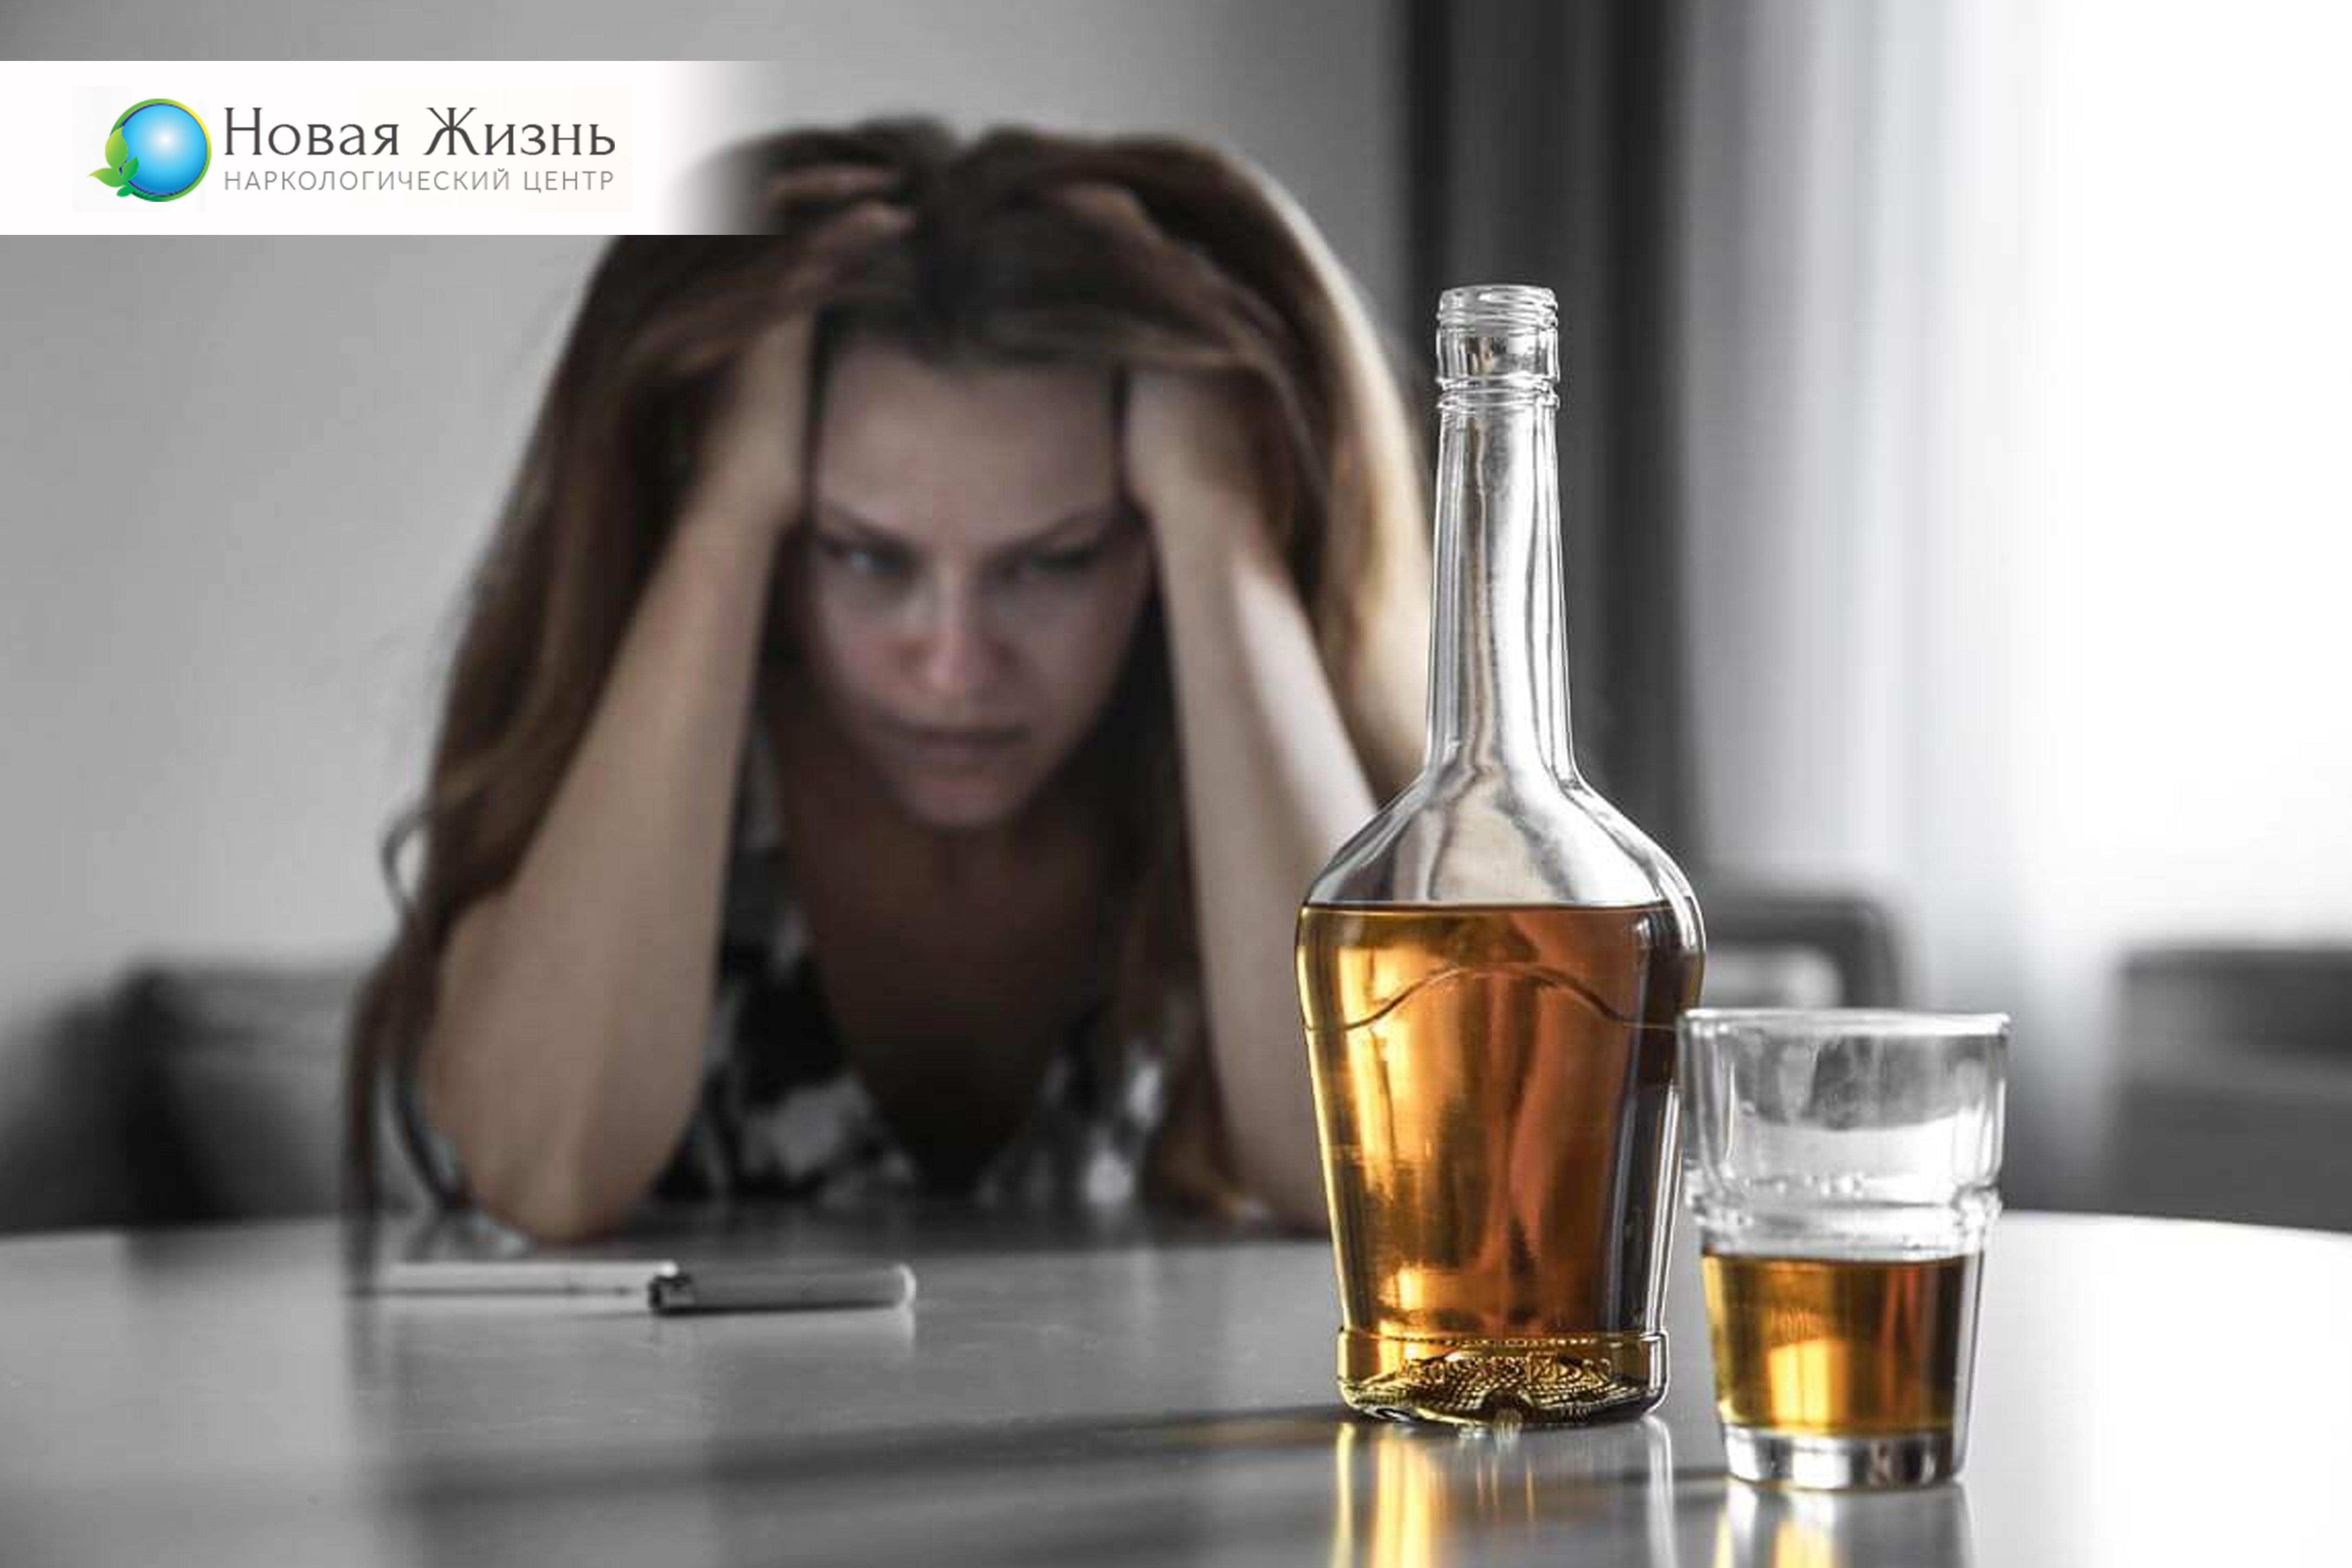 Як боротися з жіночим алкоголізмом